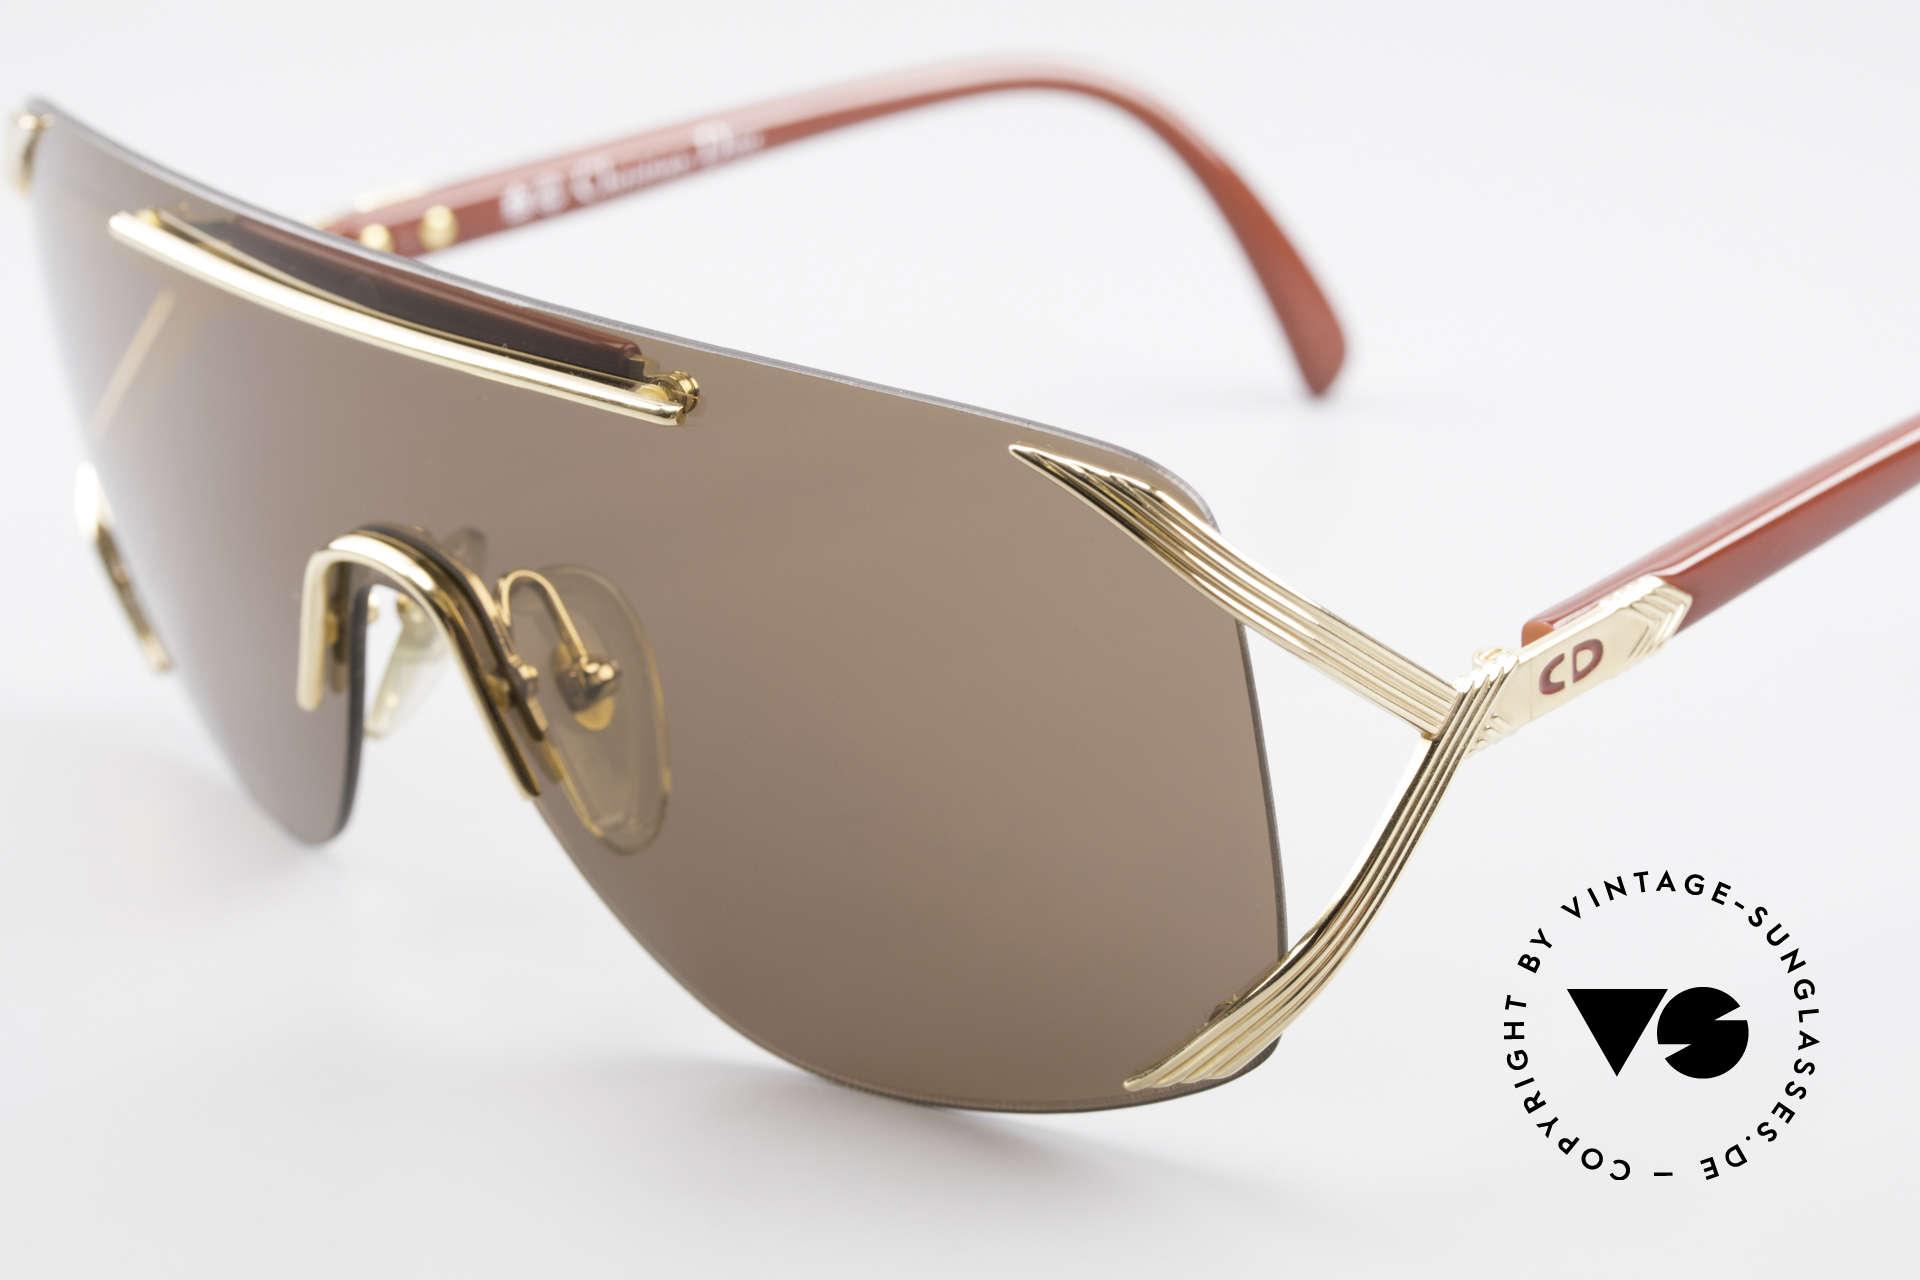 Christian Dior 2434 Rihanna Vintage Sonnenbrille, ungetragen (wie alle unsere Dior Sonnenbrillen), Passend für Damen